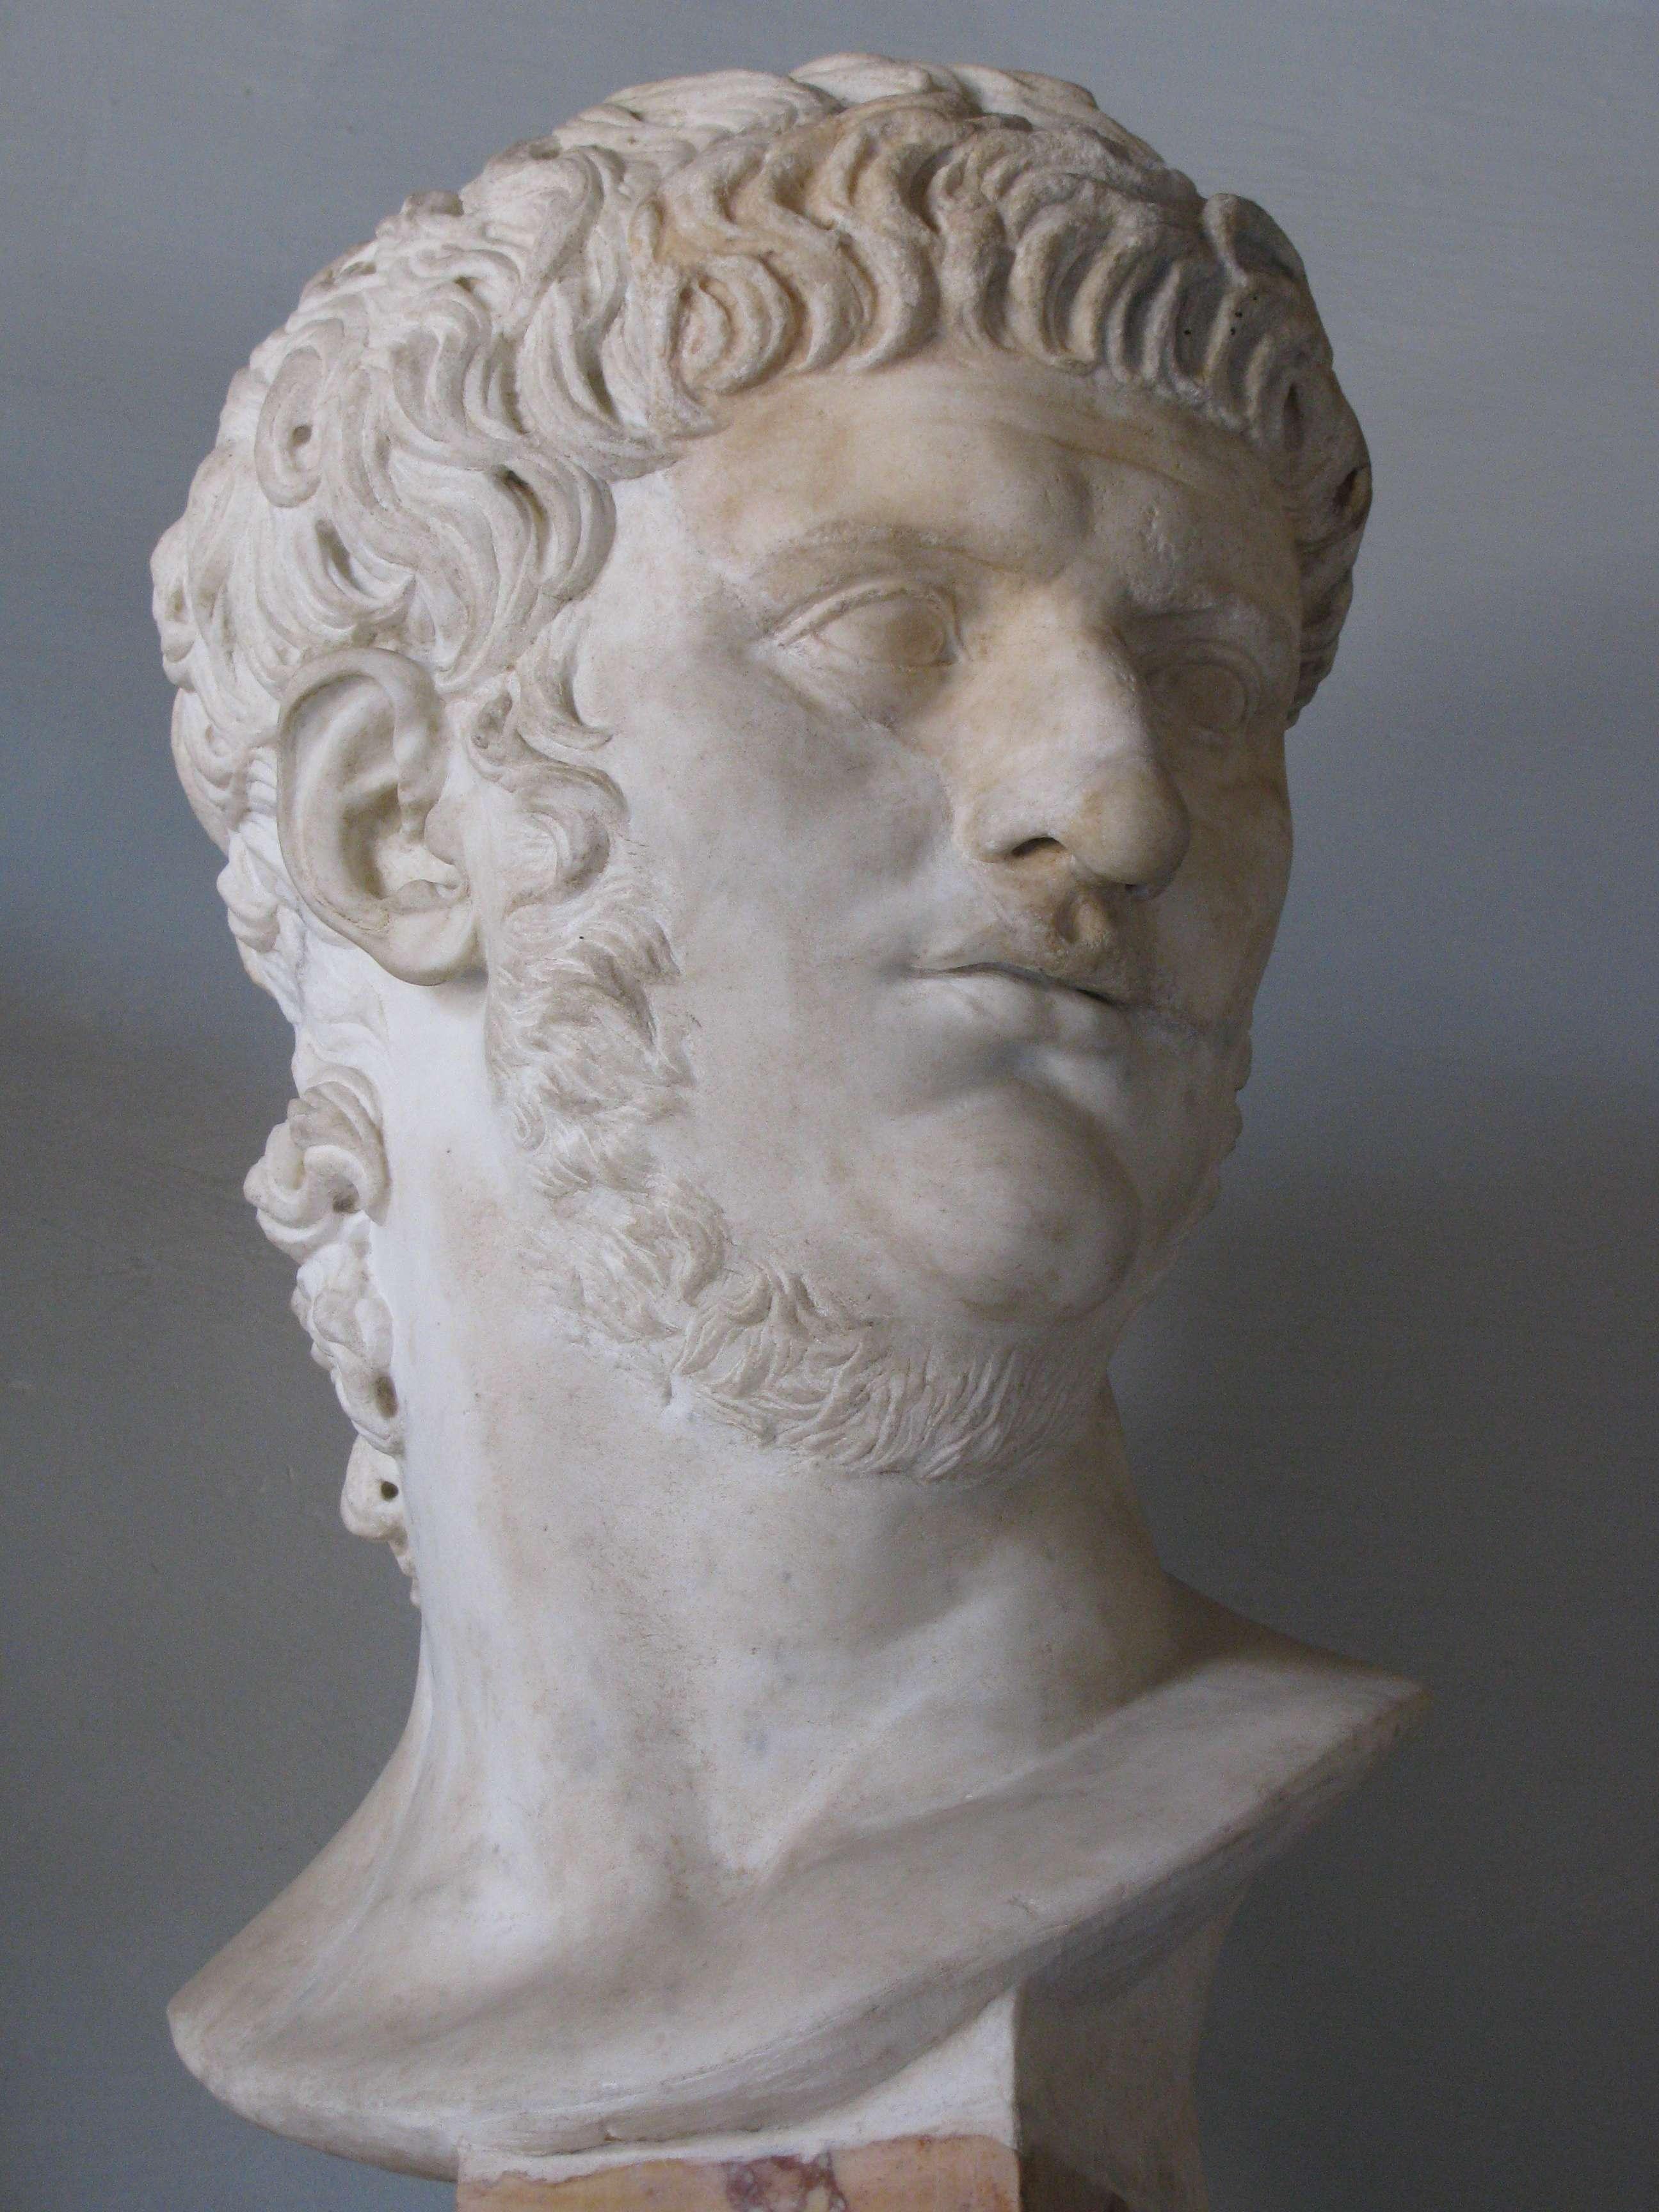 Ο Νέρων (Nero Claudius Caesar Augustus Germanicus ή Lucius Domitius Ahenobarbus, 15 Δεκεμβρίου 37 - 9 Ιουνίου 68) ήταν Ρωμαίος Αυτοκράτορας από το 54 έως το 68 και ο τελευταίος της Ιουλιο-Κλαυδιανής Δυναστείας. Ο Νέρων υιοθετήθηκε από τον Κλαύδιο και έγινε κληρονόμος και διάδοχός του. Ανήλθε στο θρόνο το 54, μετά το θάνατο του Κλαύδιου.